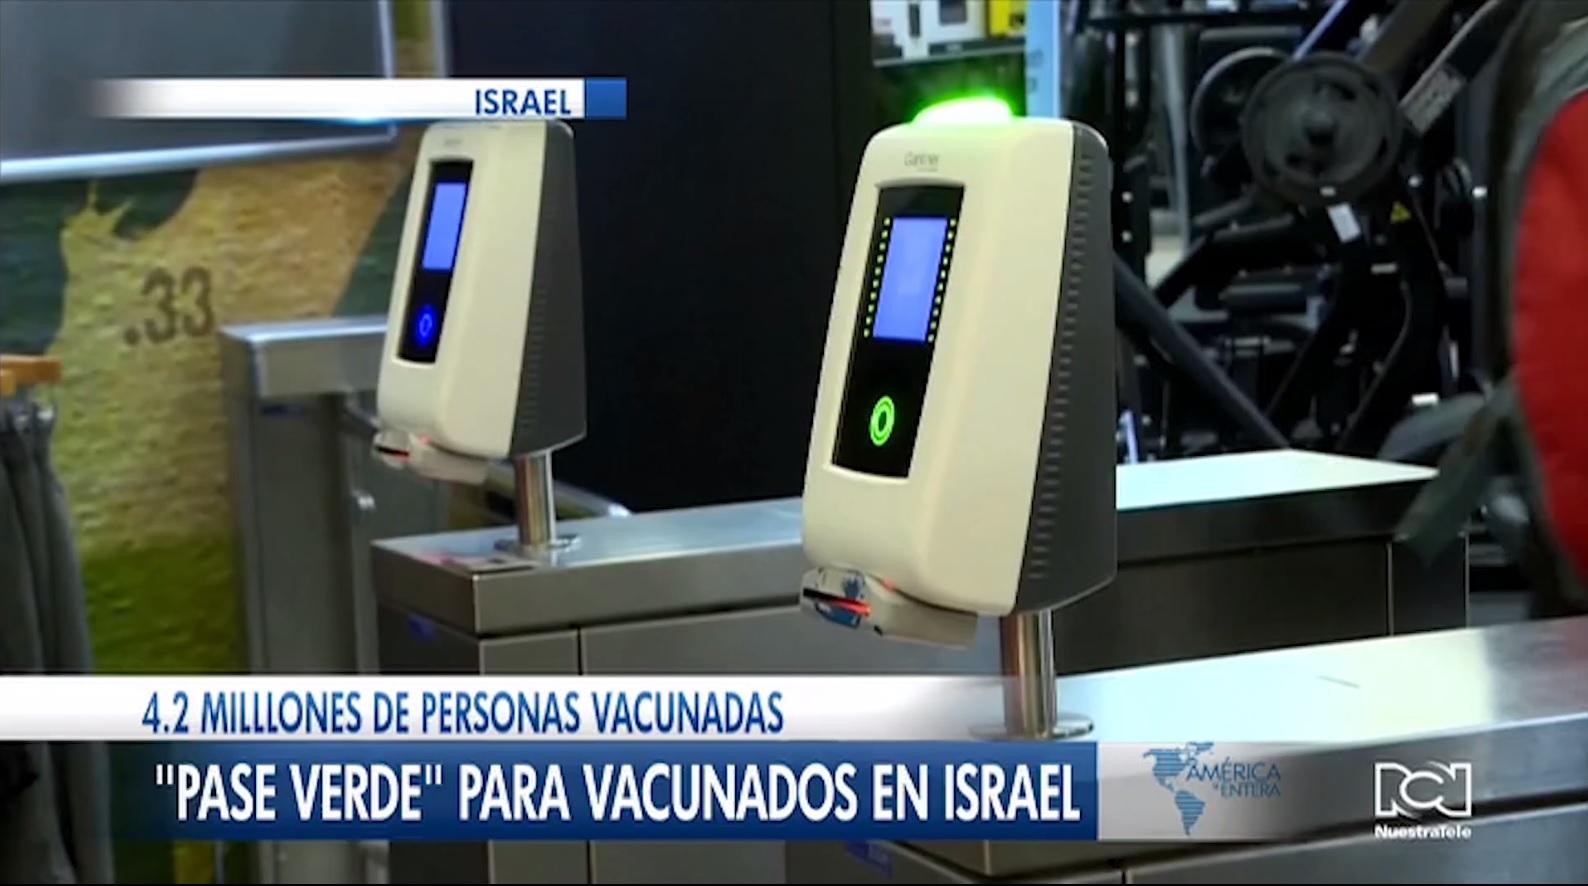 Índice de muertes por Covid-19 cae un 98,9% en Israel gracias a la vacuna de Pfizer y BionTech